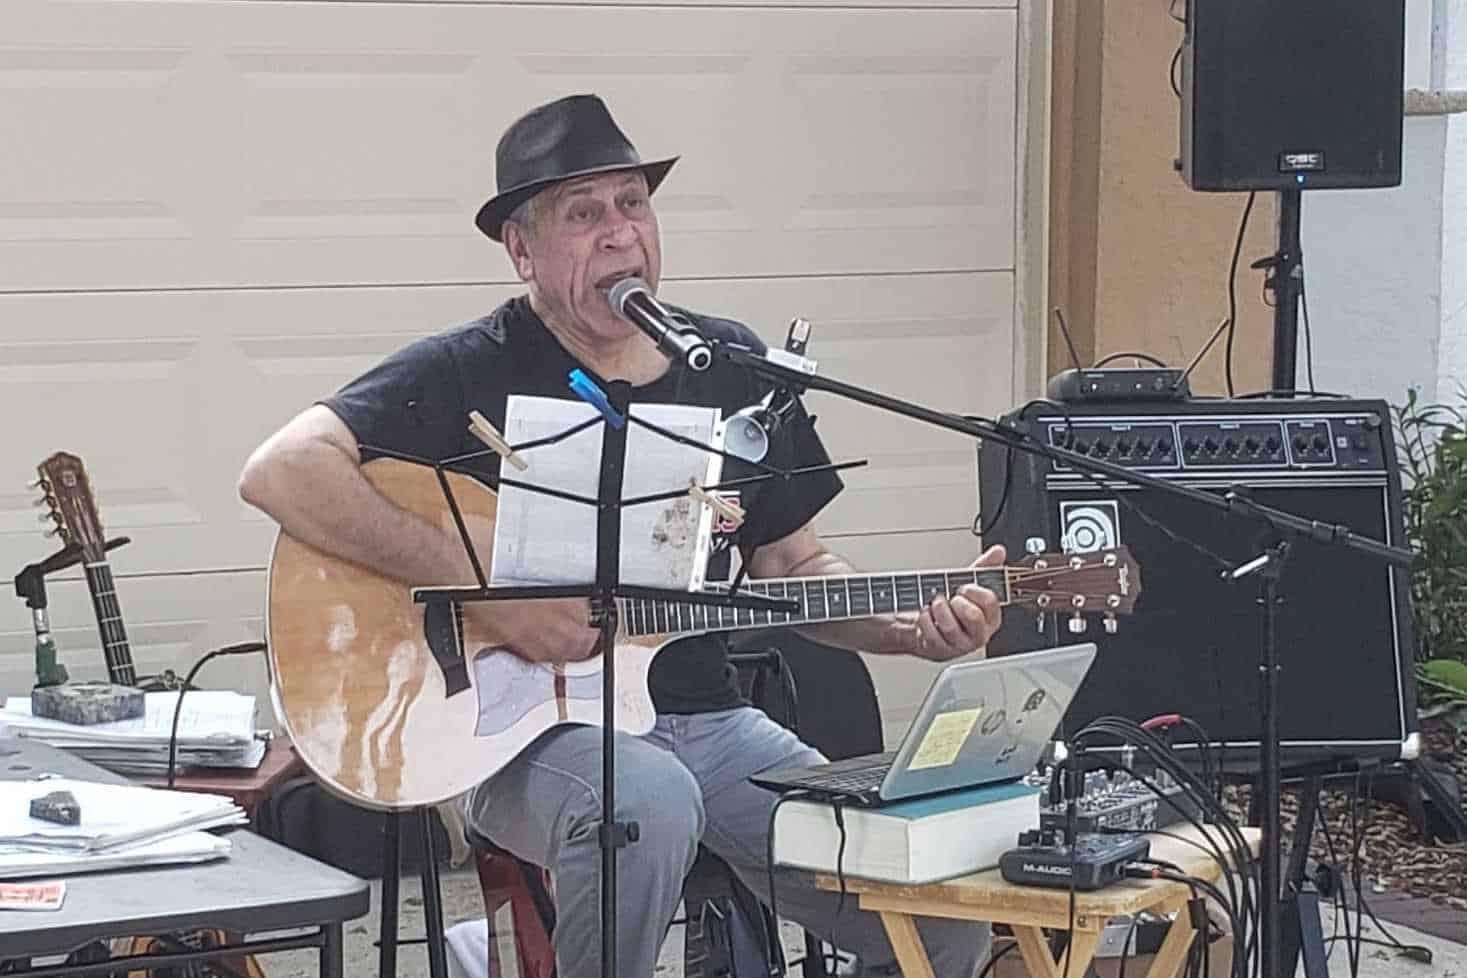 Mike Menexis at Rafiki Tiki